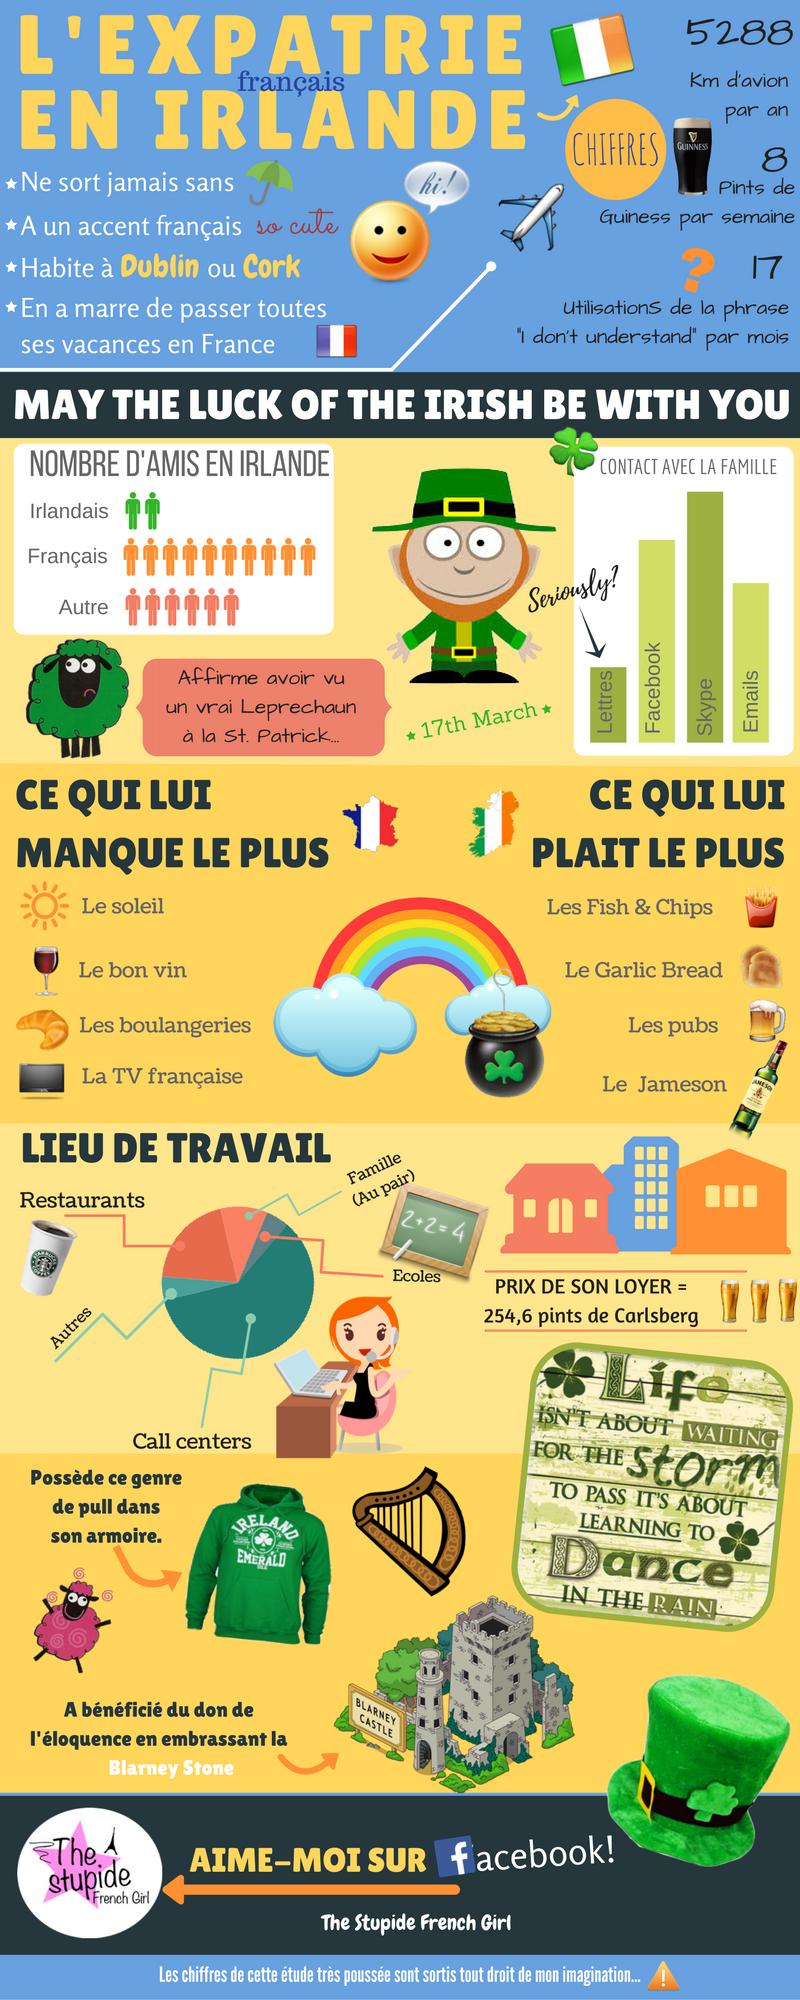 L'expatrié français en Irlande